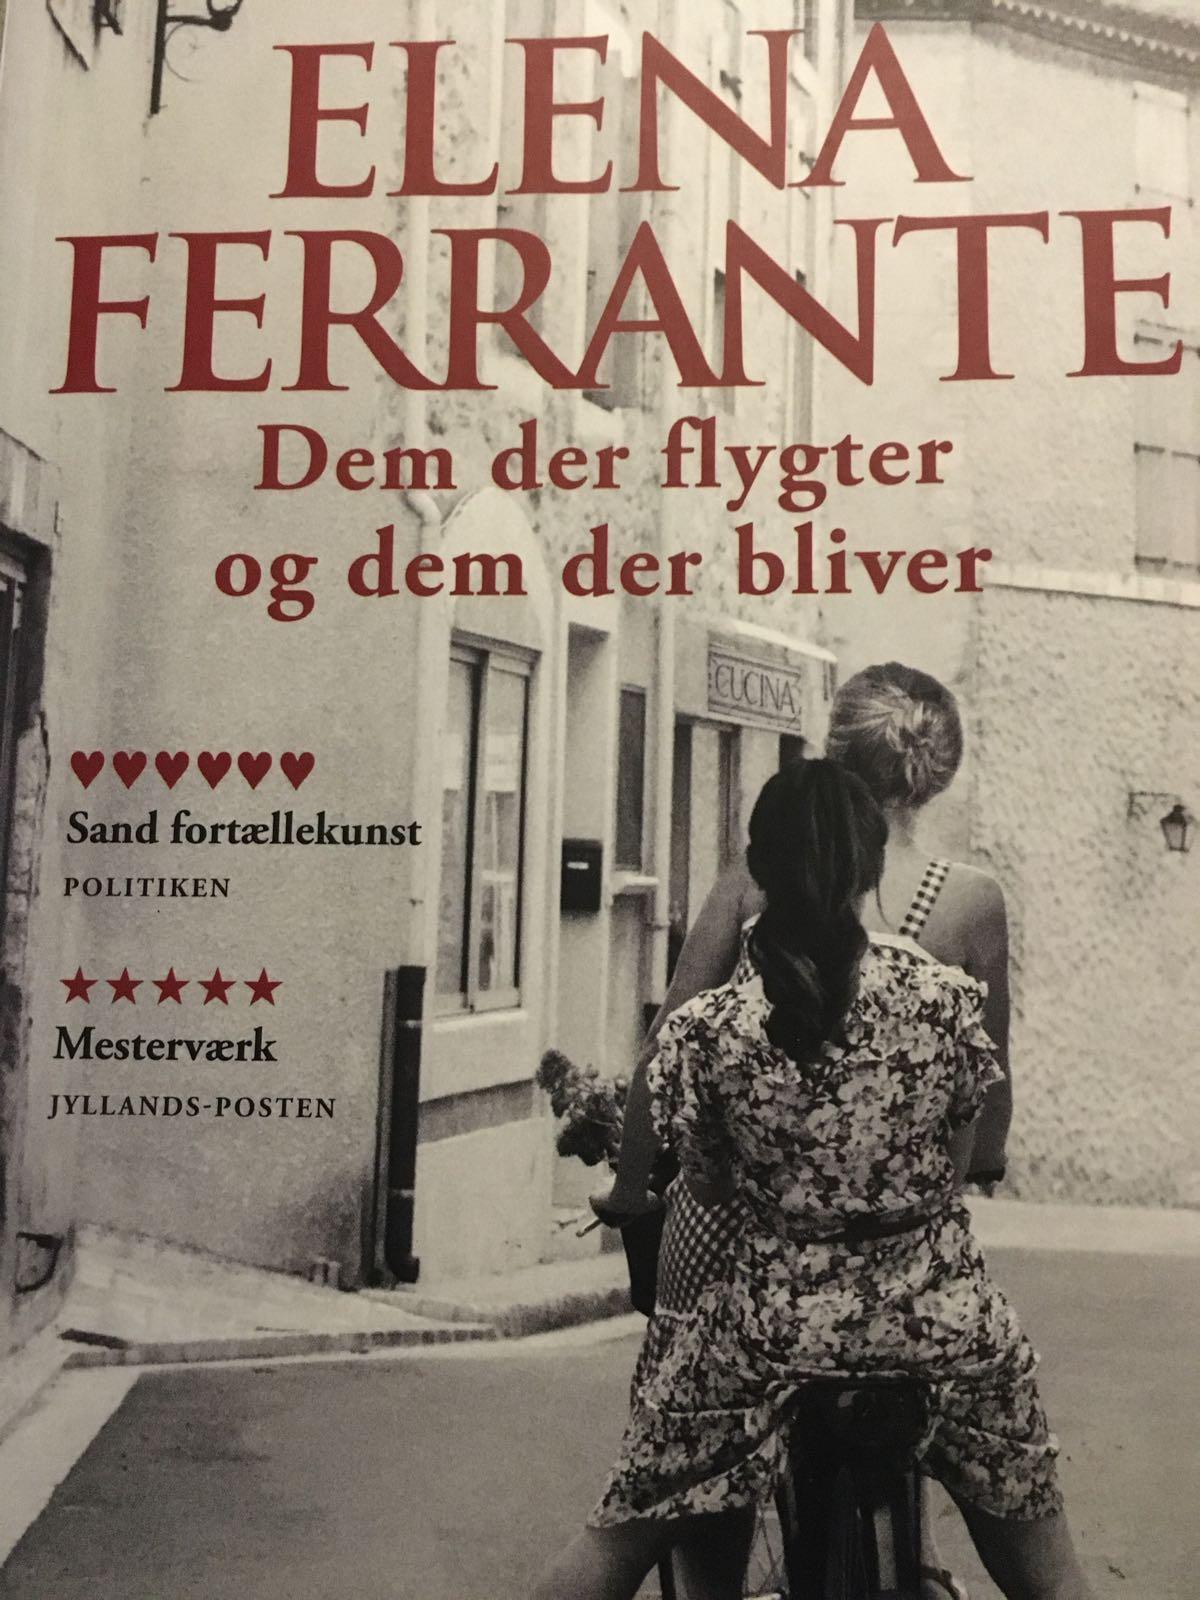 Dem der flygter og dem der bliver af Elena Ferrante - 9788740044461